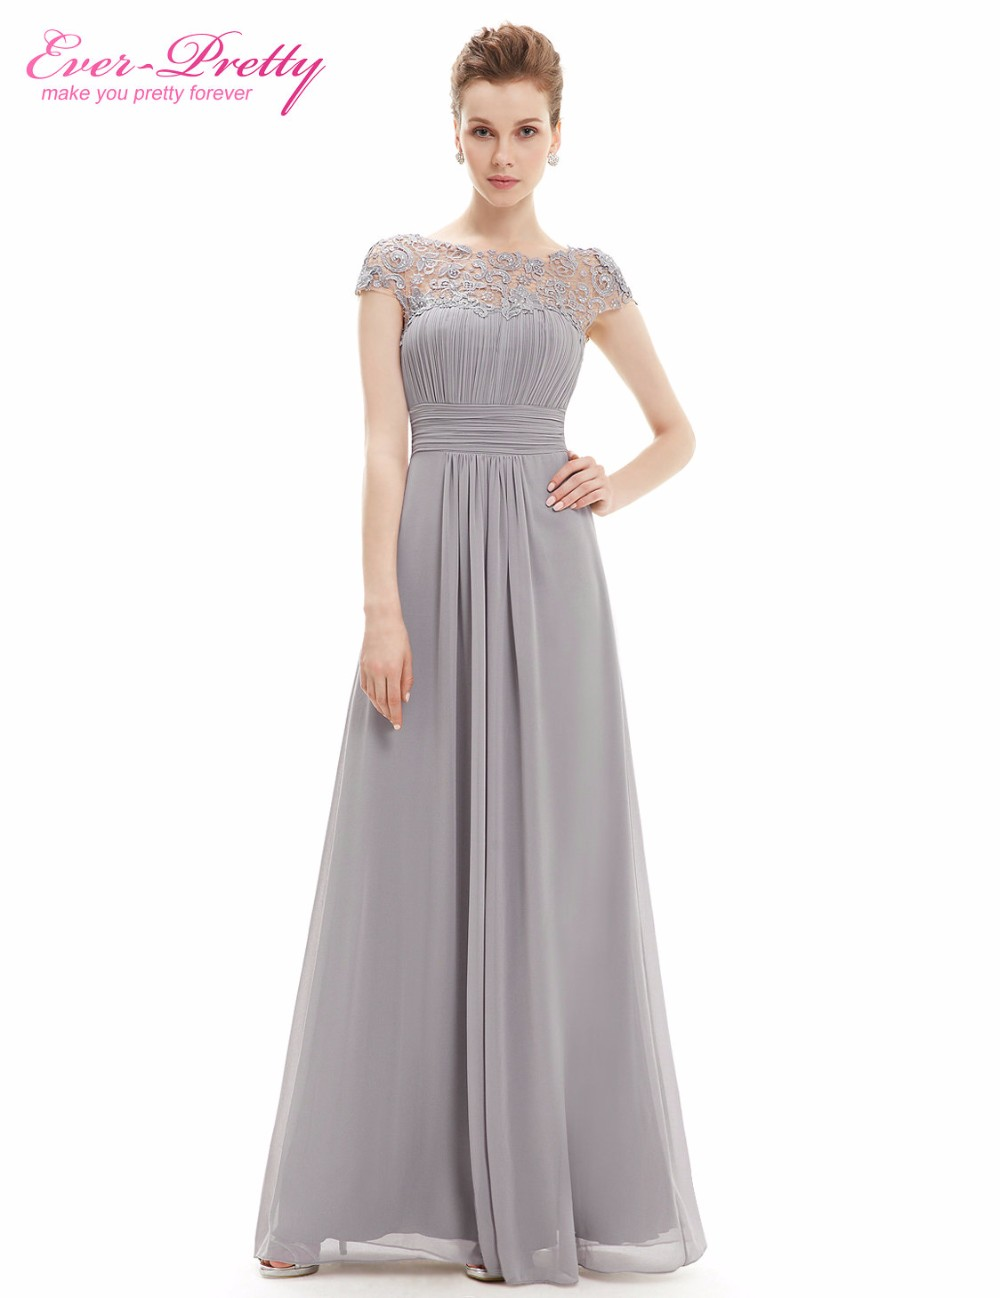 vestidos de noite nova moda sempre bonita roxo he09993 chiffon abrir voltar elegante vestido de. Black Bedroom Furniture Sets. Home Design Ideas